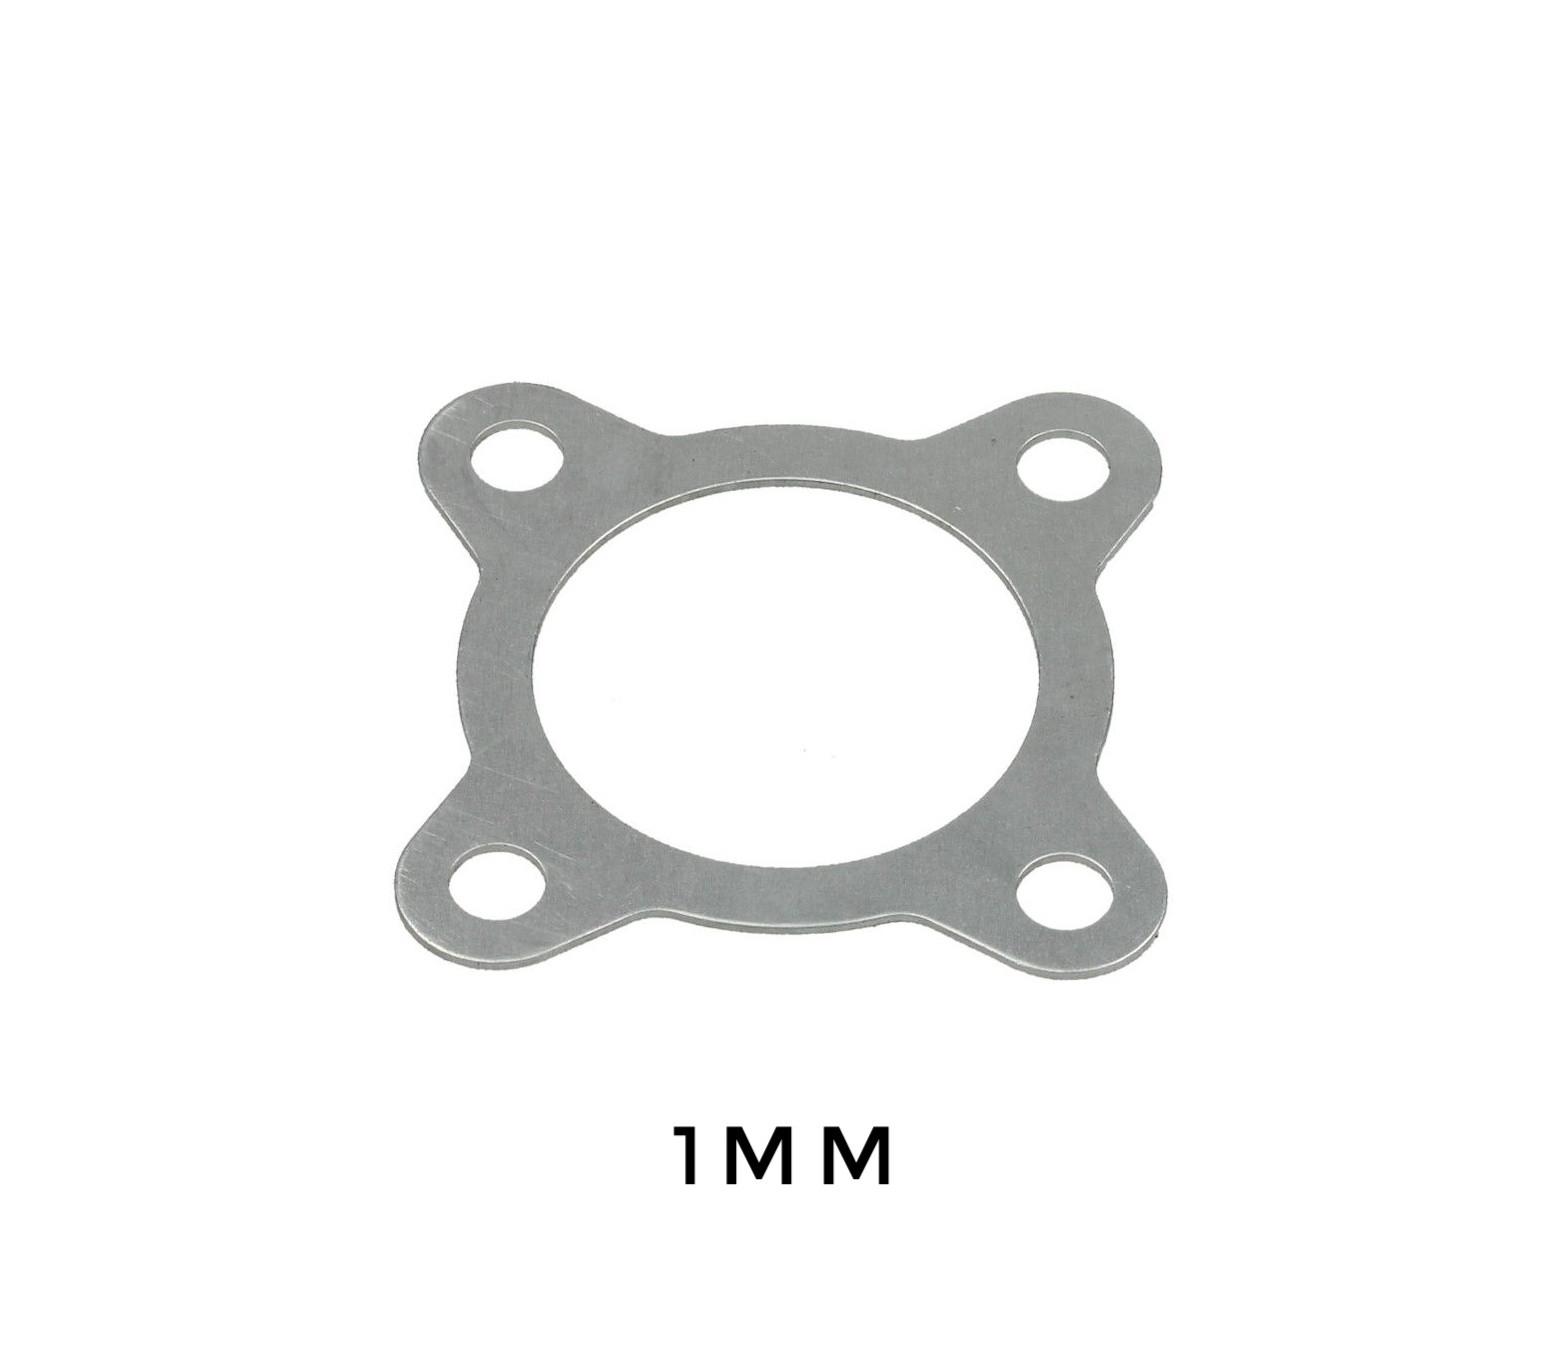 1mm Koppakking ALUMINIUM Tomos A35 voor de 50cc (38mm) cilinder.